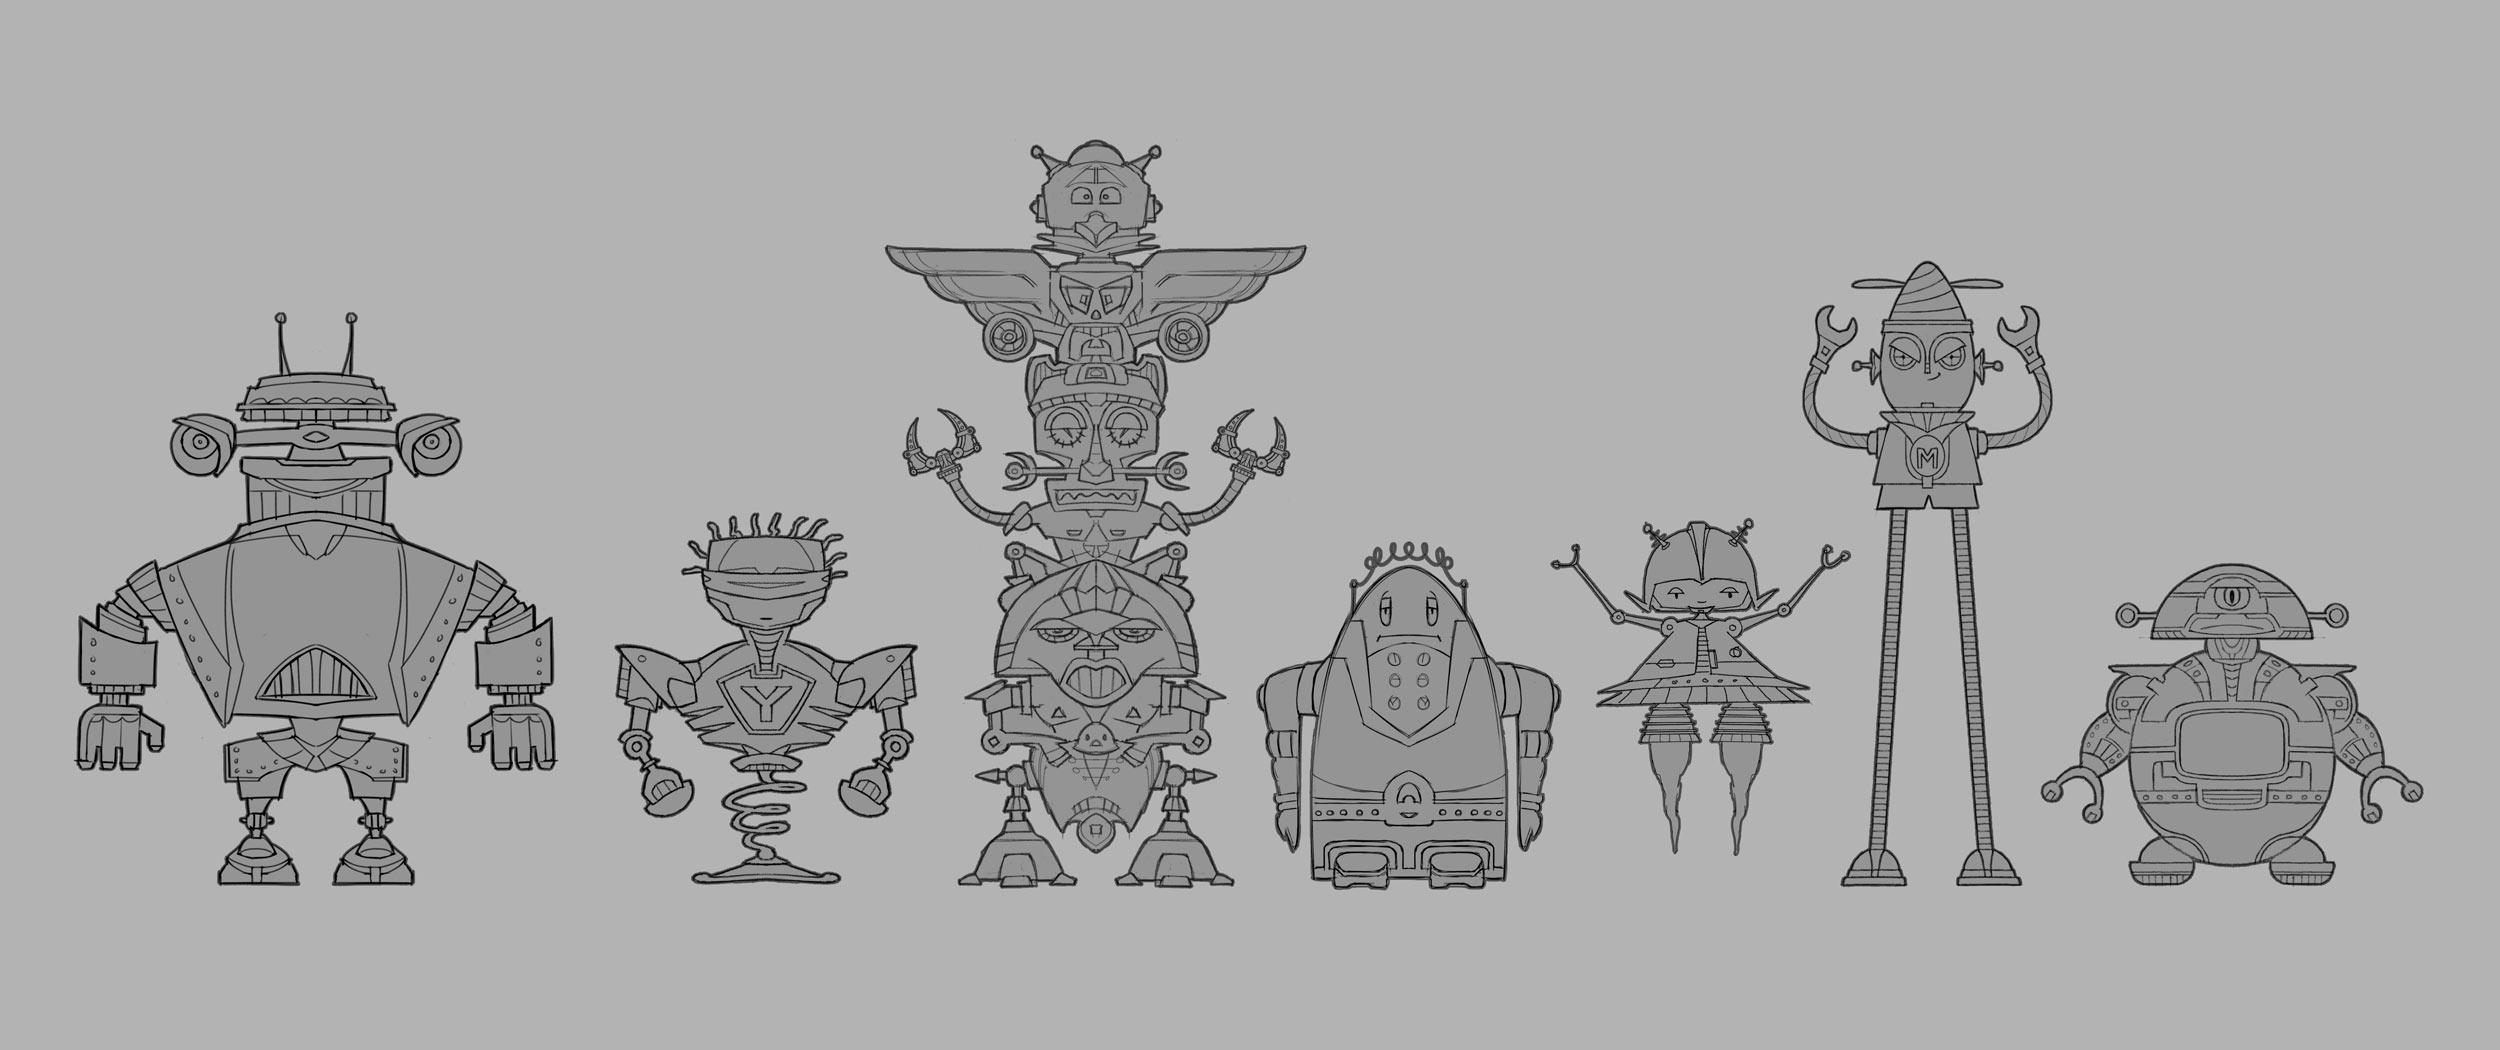 Totem-Pole-Robot-&-Friends.jpg